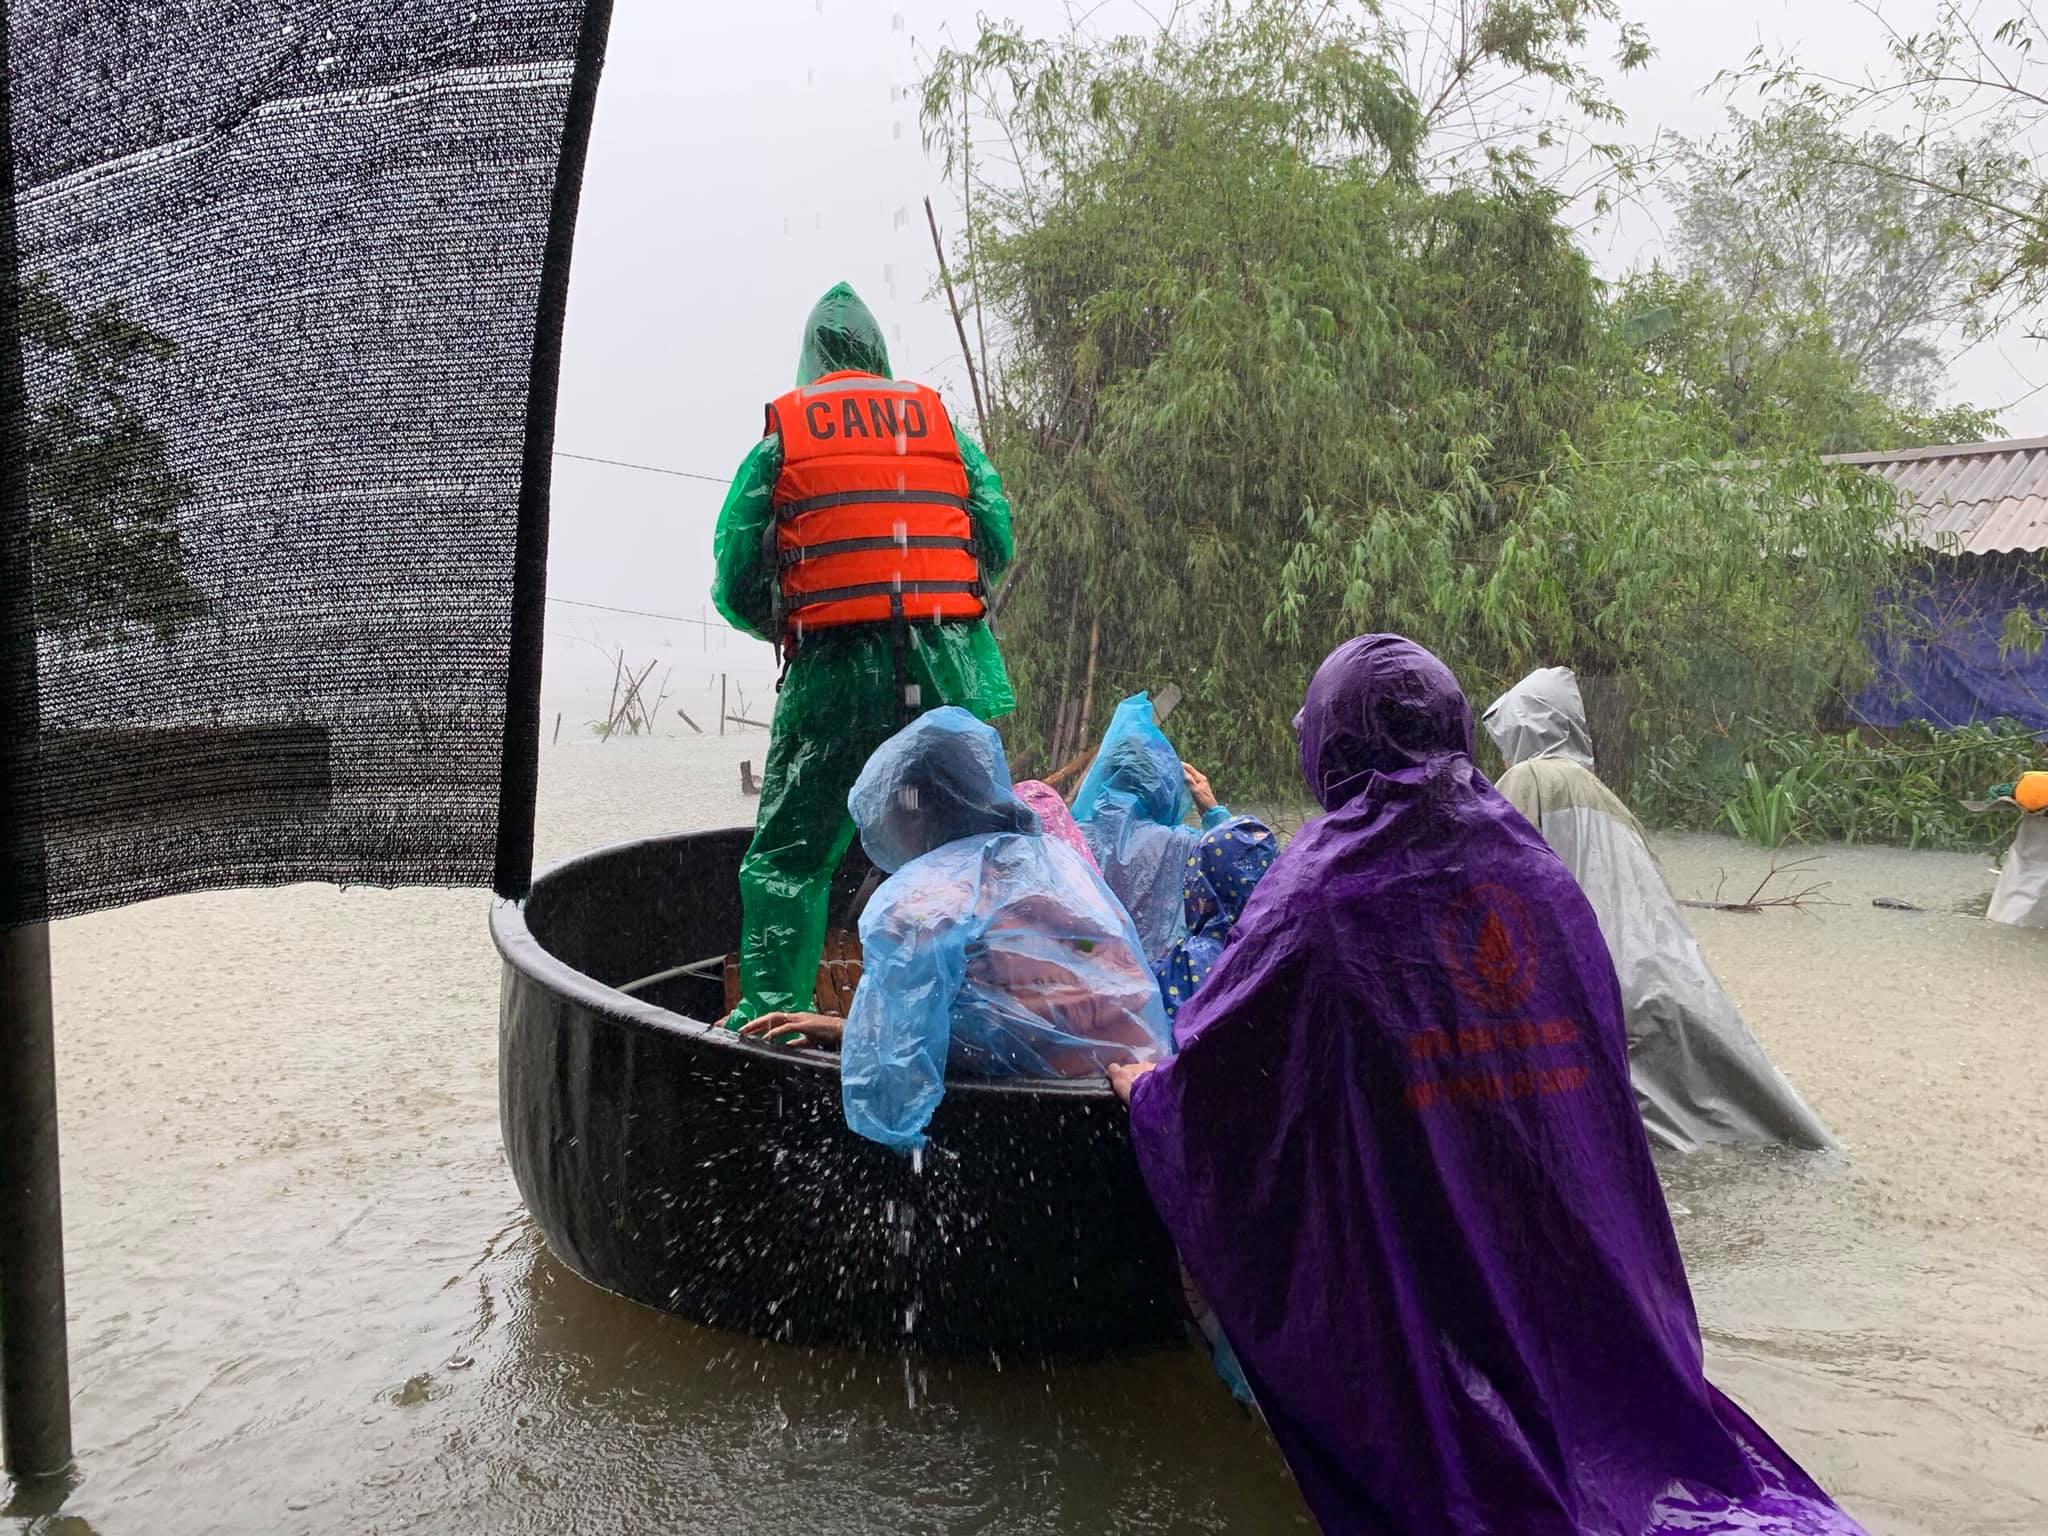 Hà Tĩnh ngập sâu, nước lũ đang lên nhanh, công an đến mọi ngóc ngách nhà dân sơ tán người - Ảnh 10.